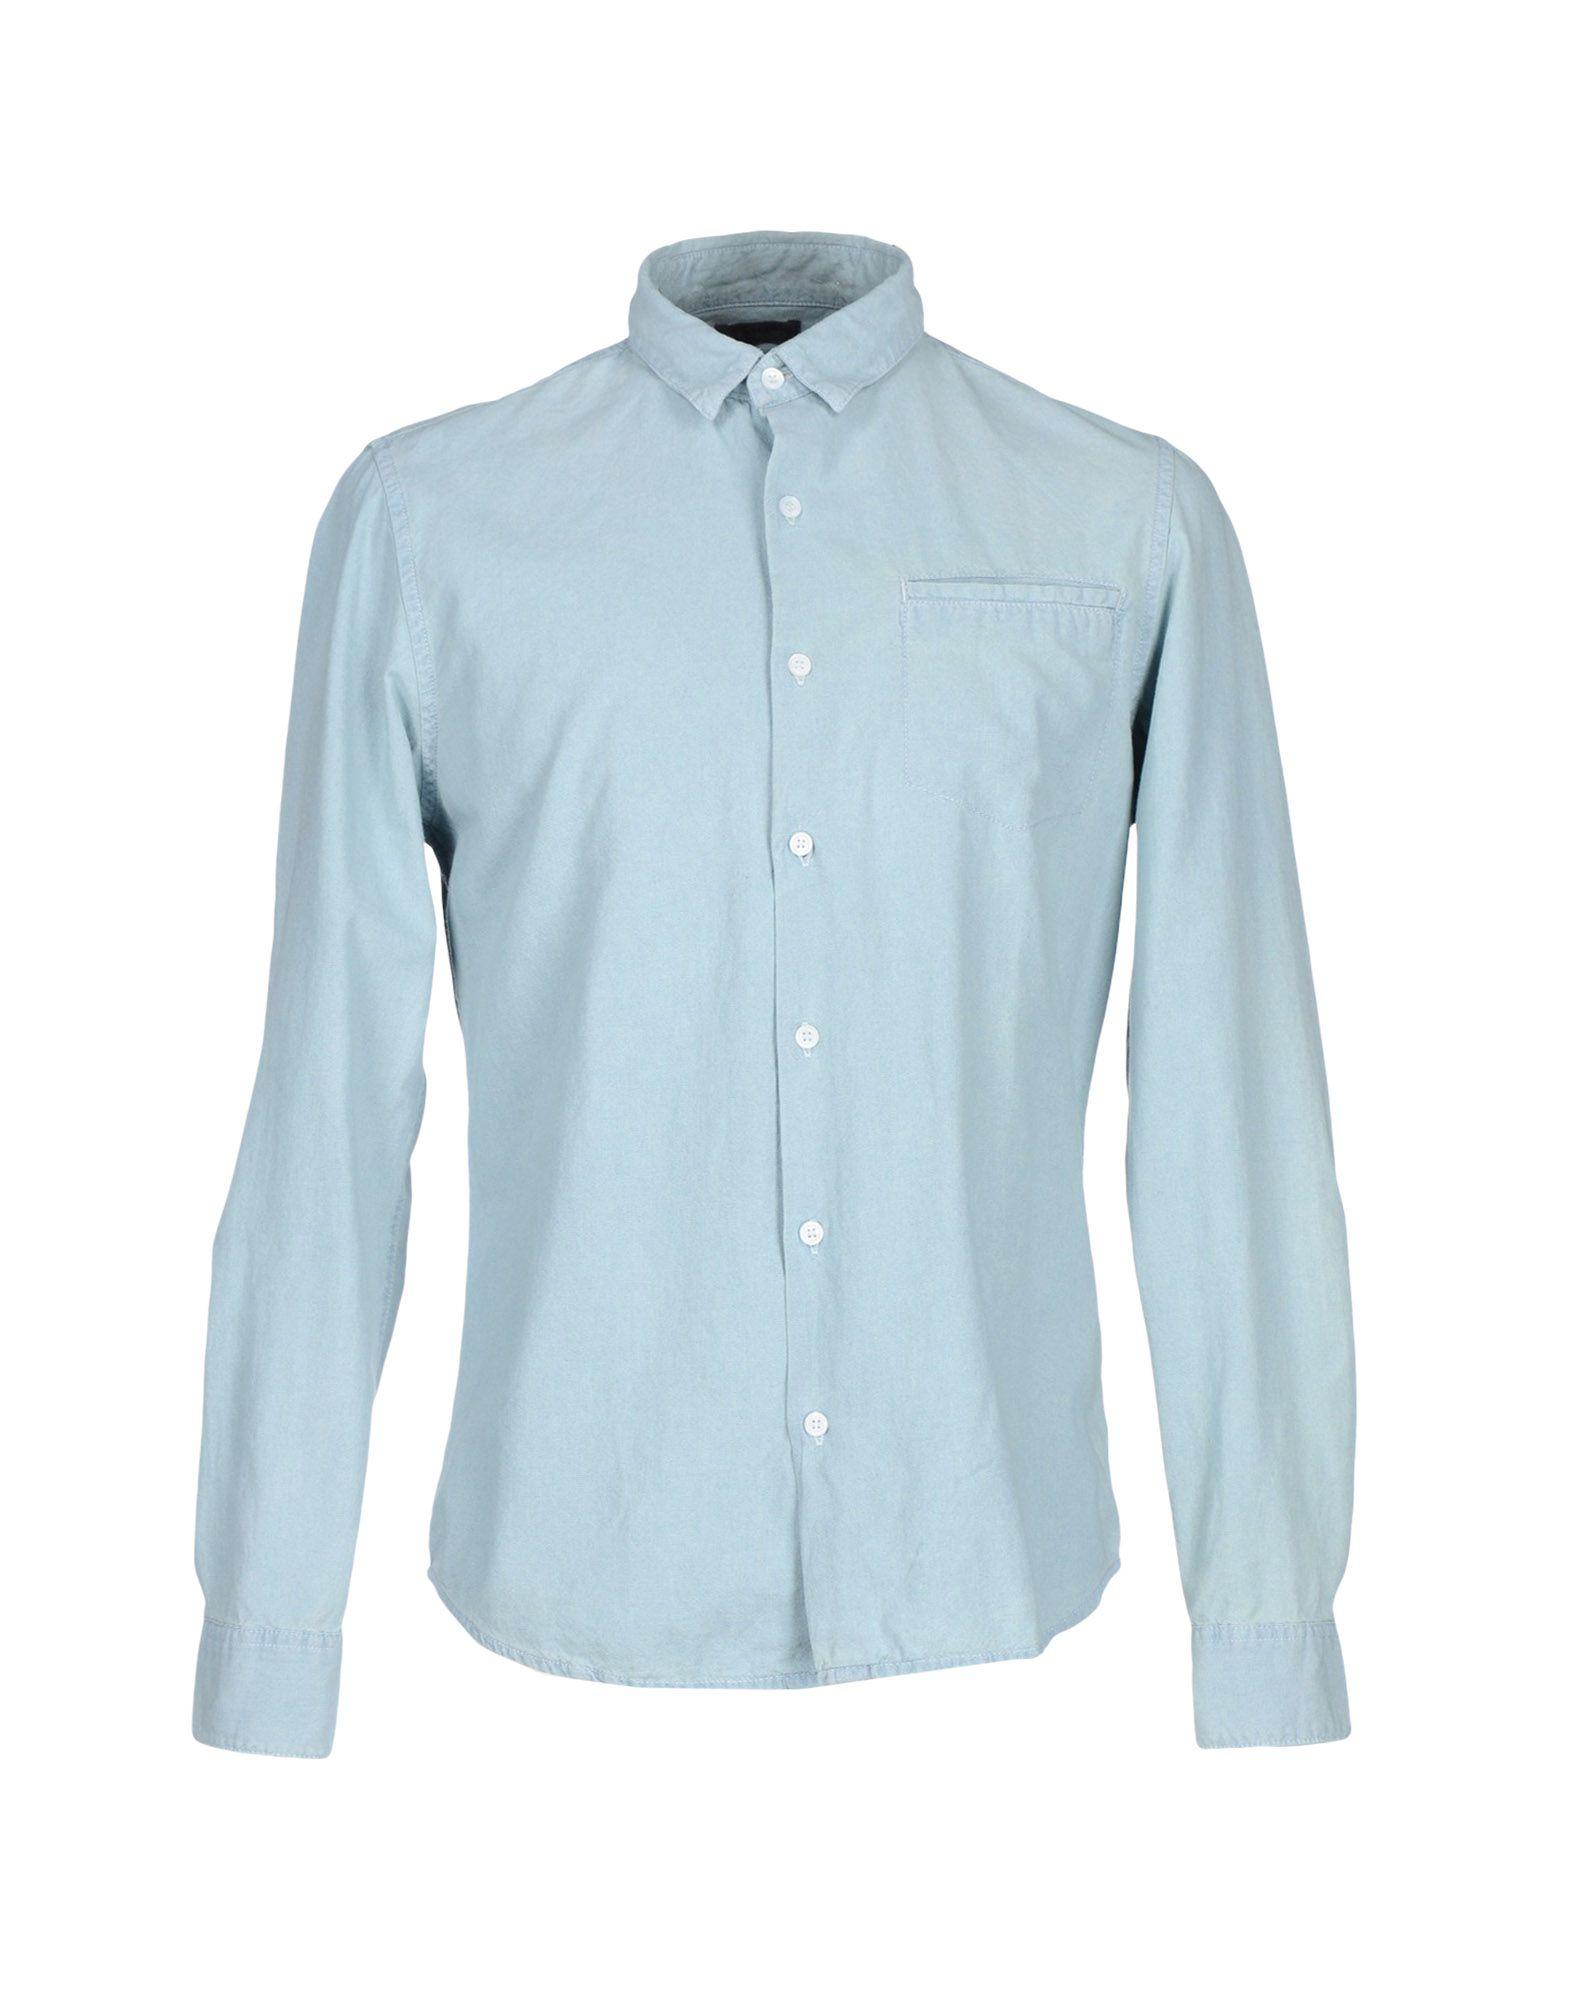 calvin klein jeans denim shirt in blue save 16 lyst. Black Bedroom Furniture Sets. Home Design Ideas